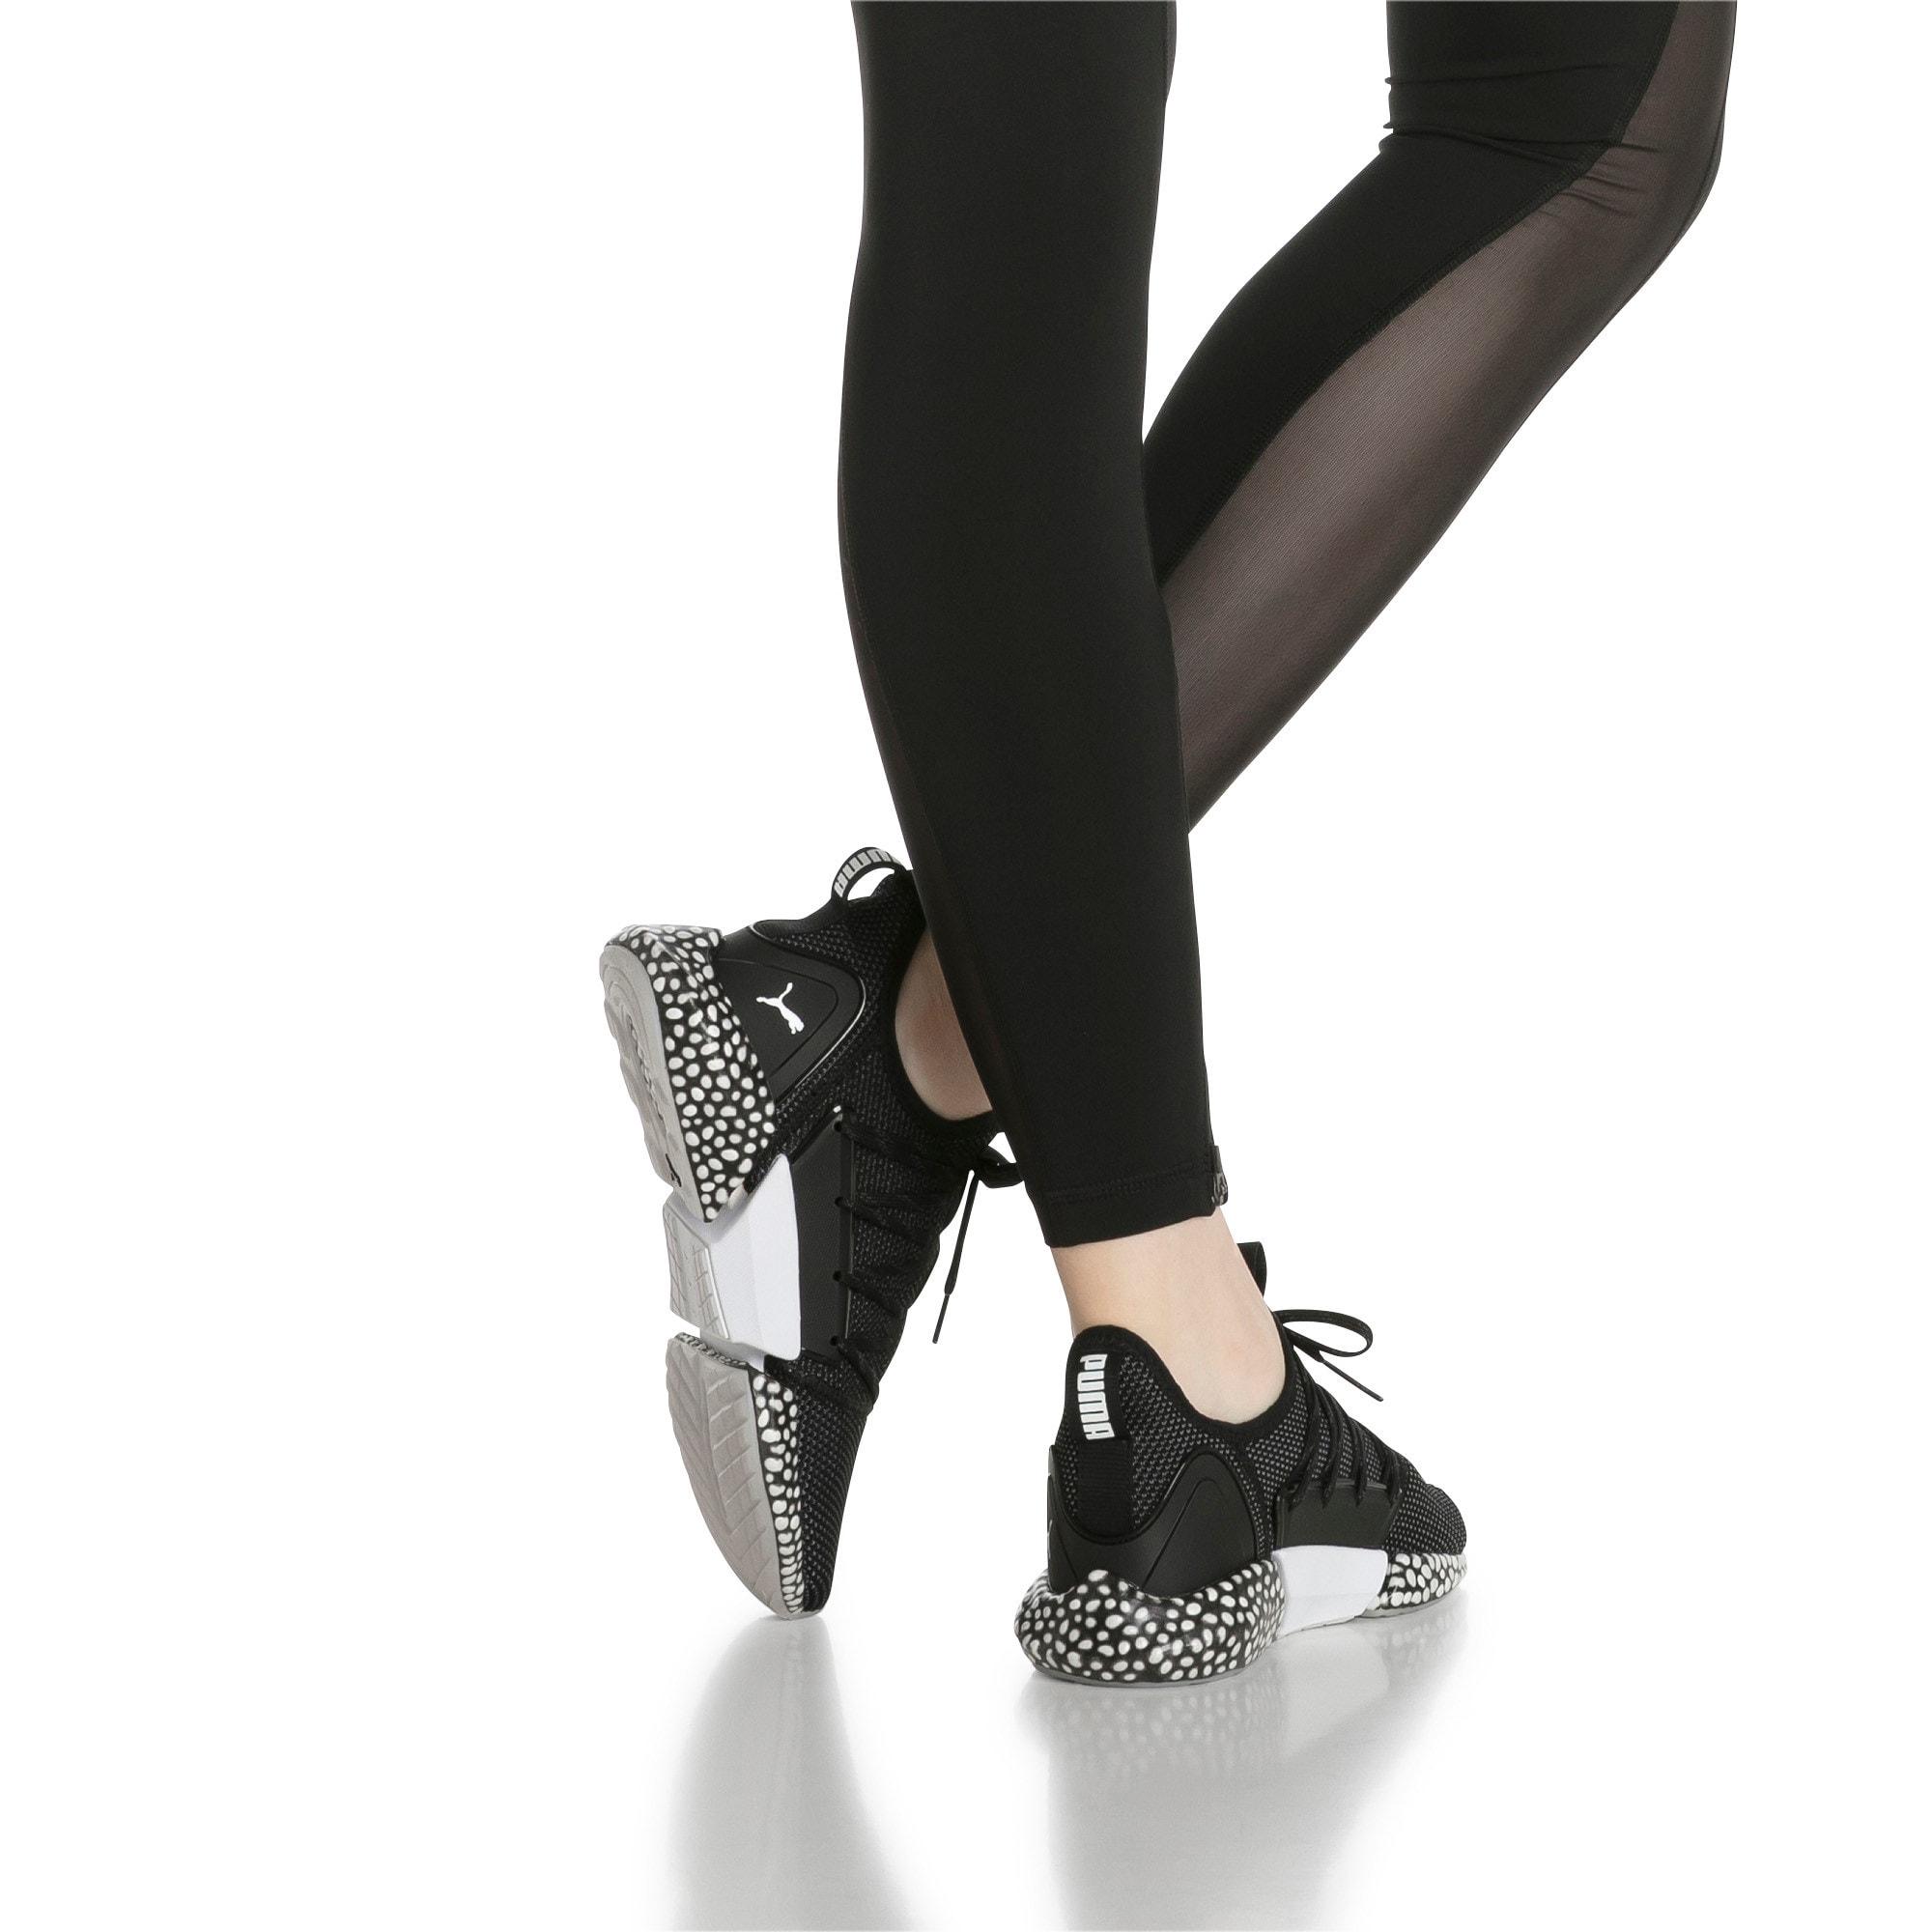 Thumbnail 7 of HYBRID Rocket Runner Women's Running Shoes, Black-Iron Gate-White, medium